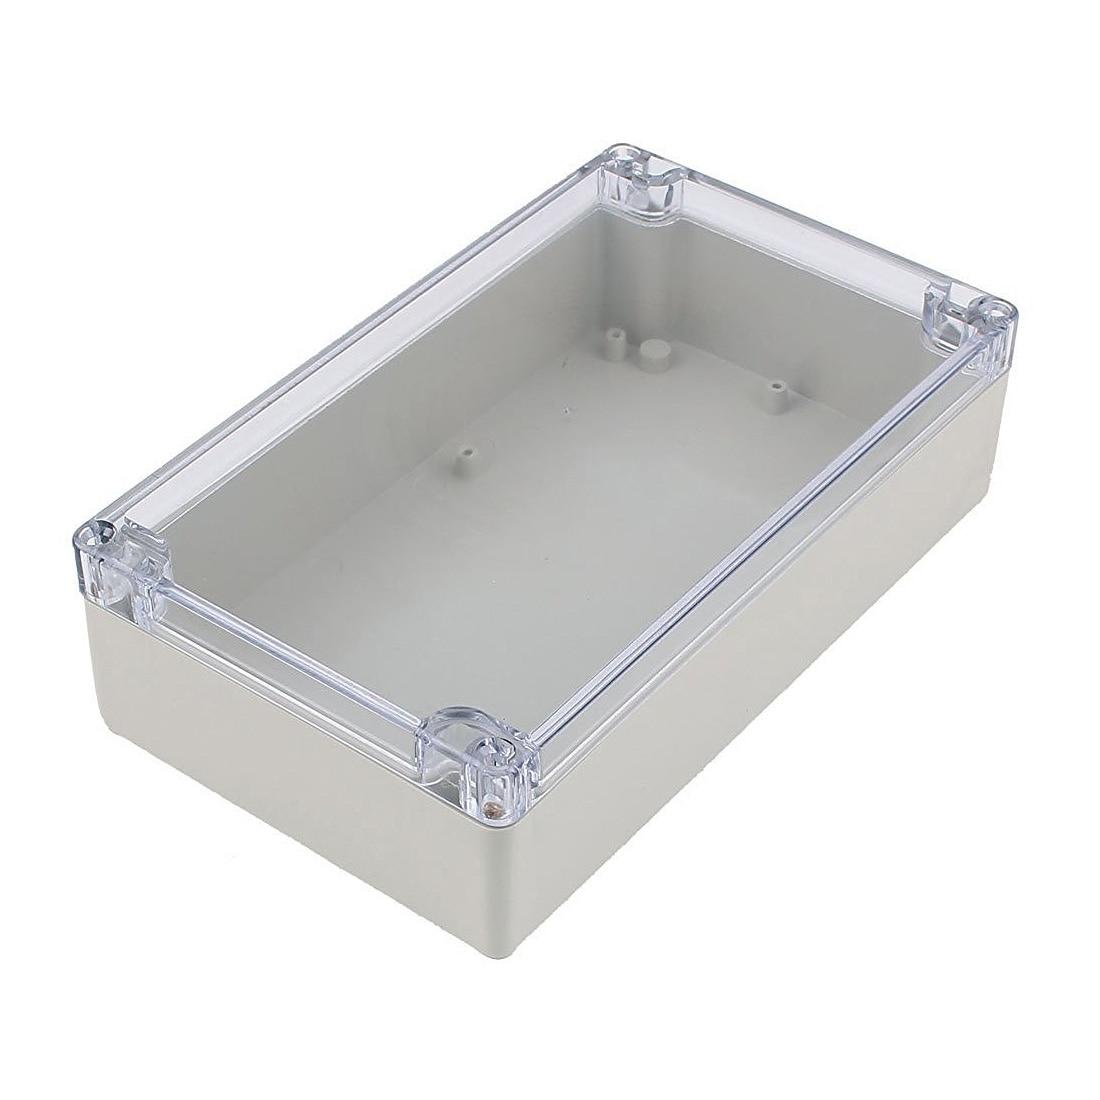 splashproof project enclosure case diy wiring junction box. Black Bedroom Furniture Sets. Home Design Ideas